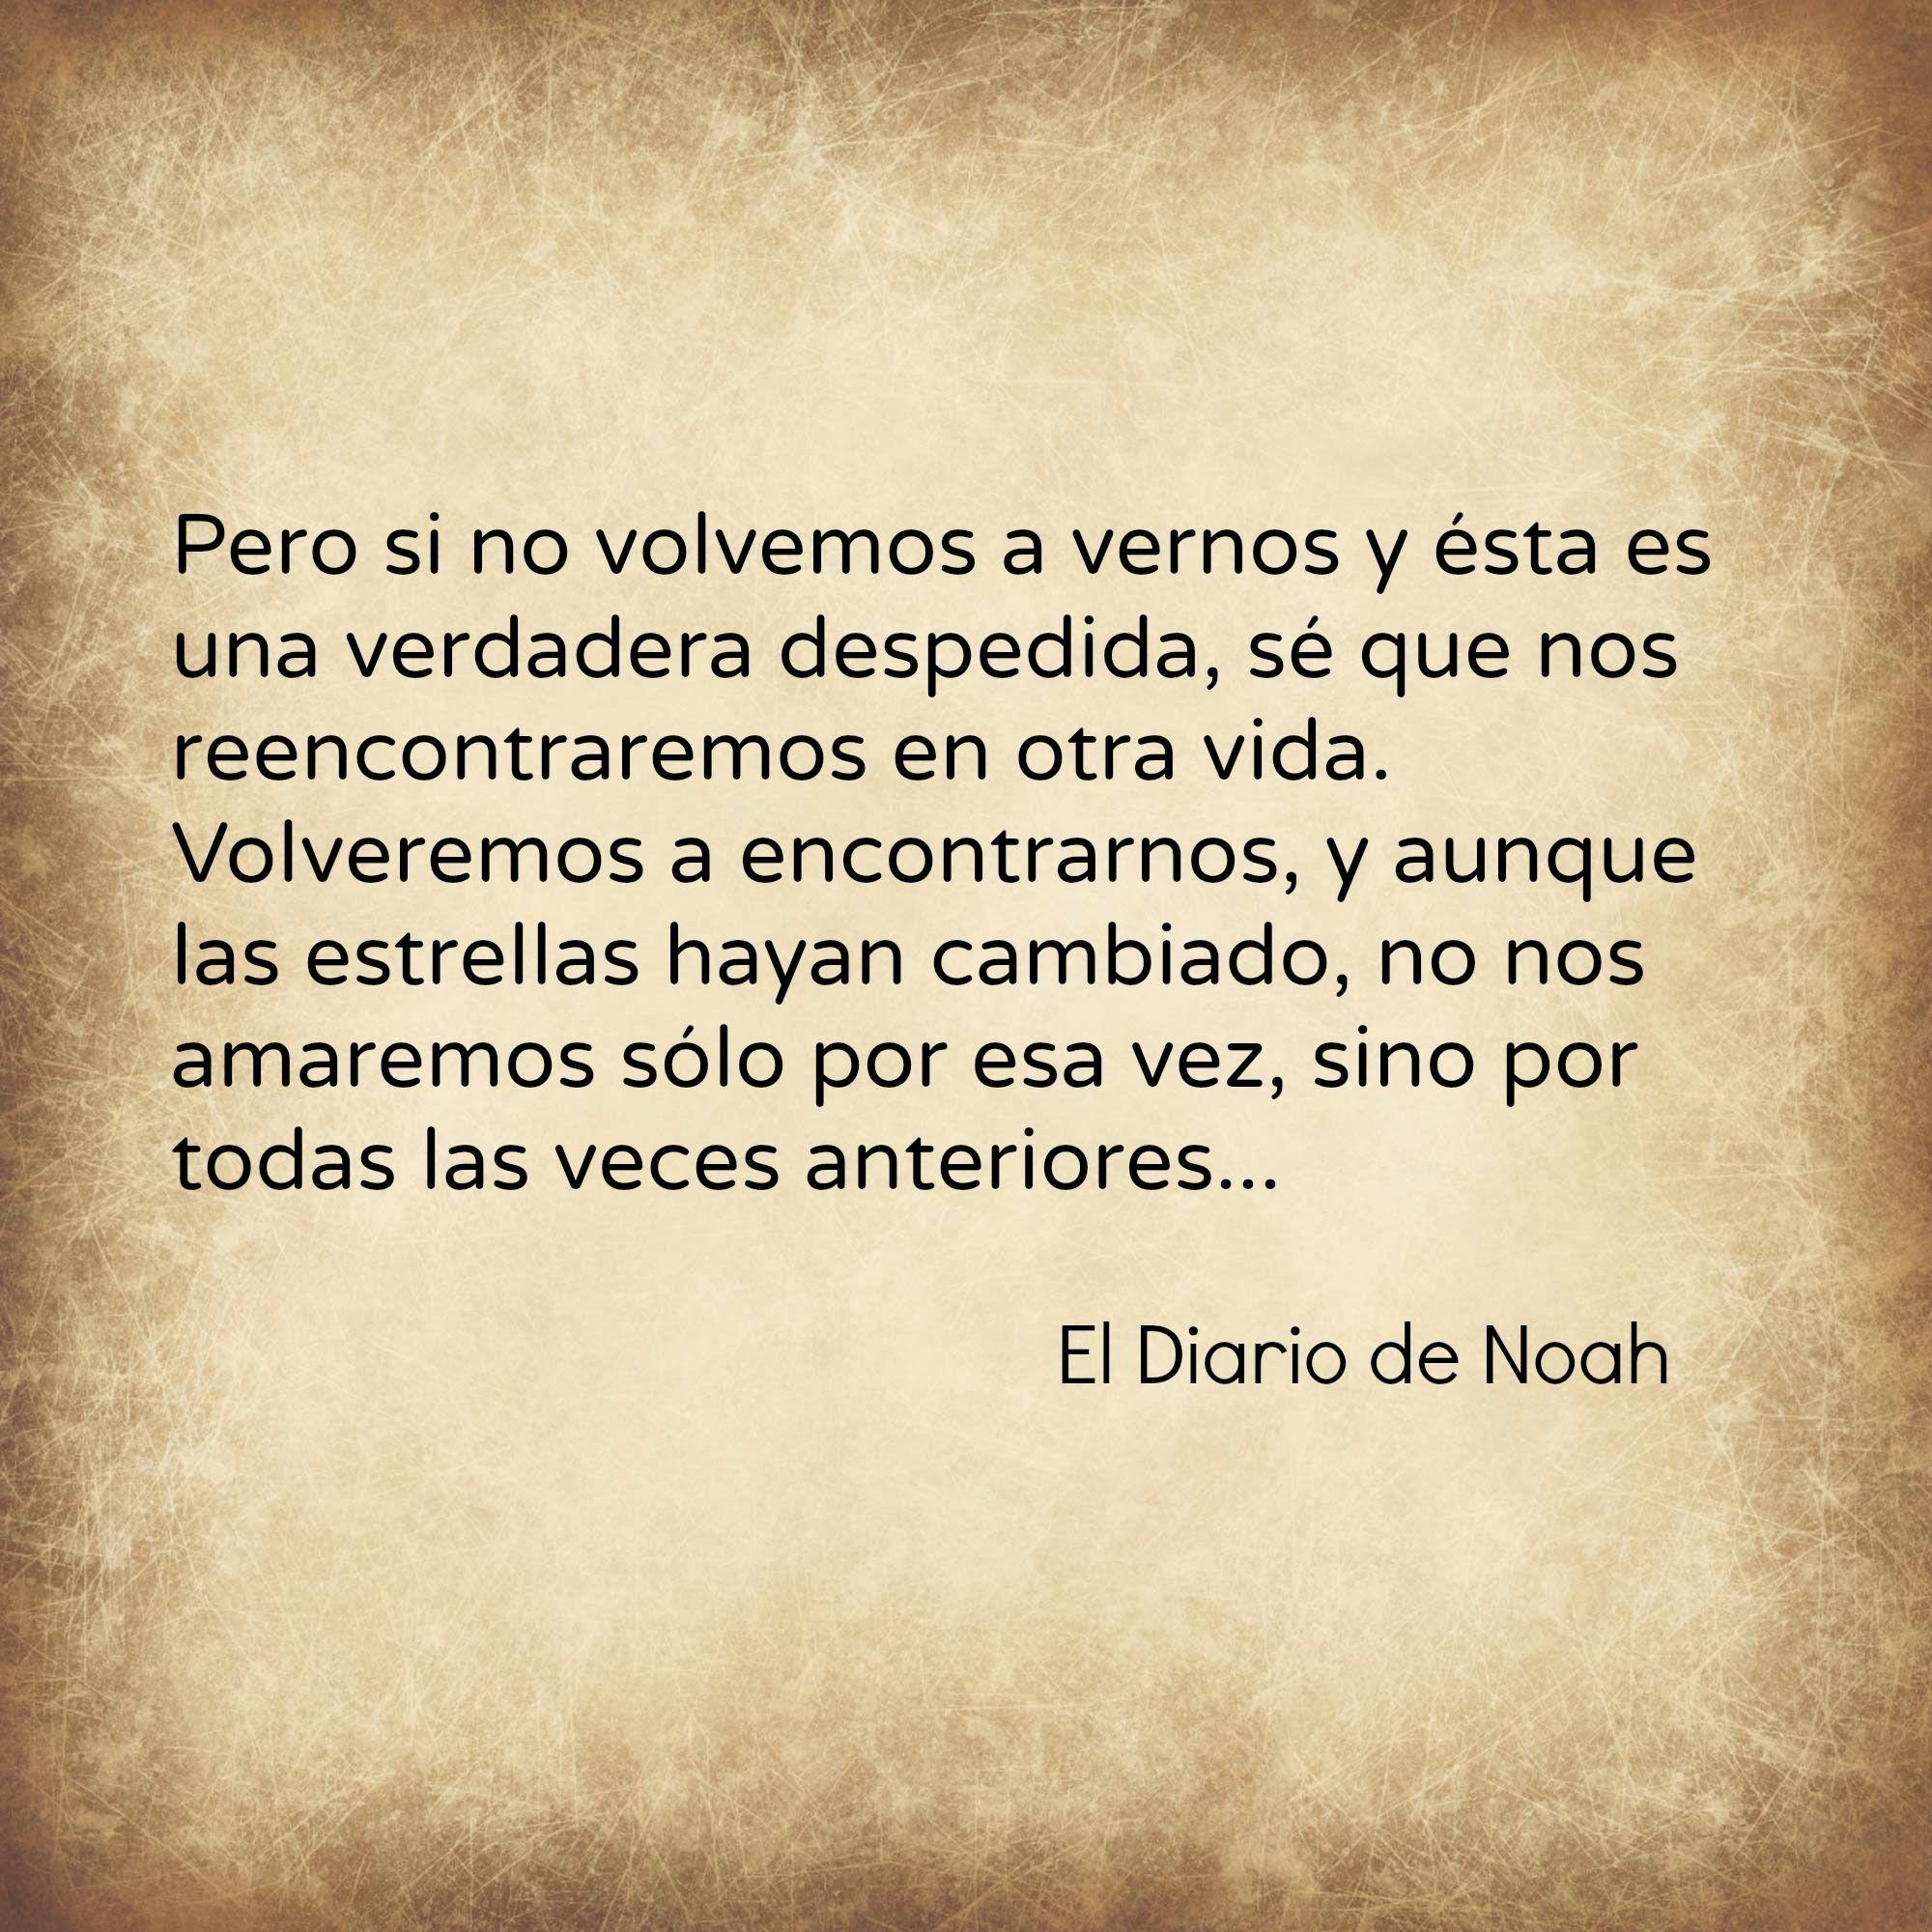 El Diario De Noah Love Amor Frases Quotes Poemas Y Fraces